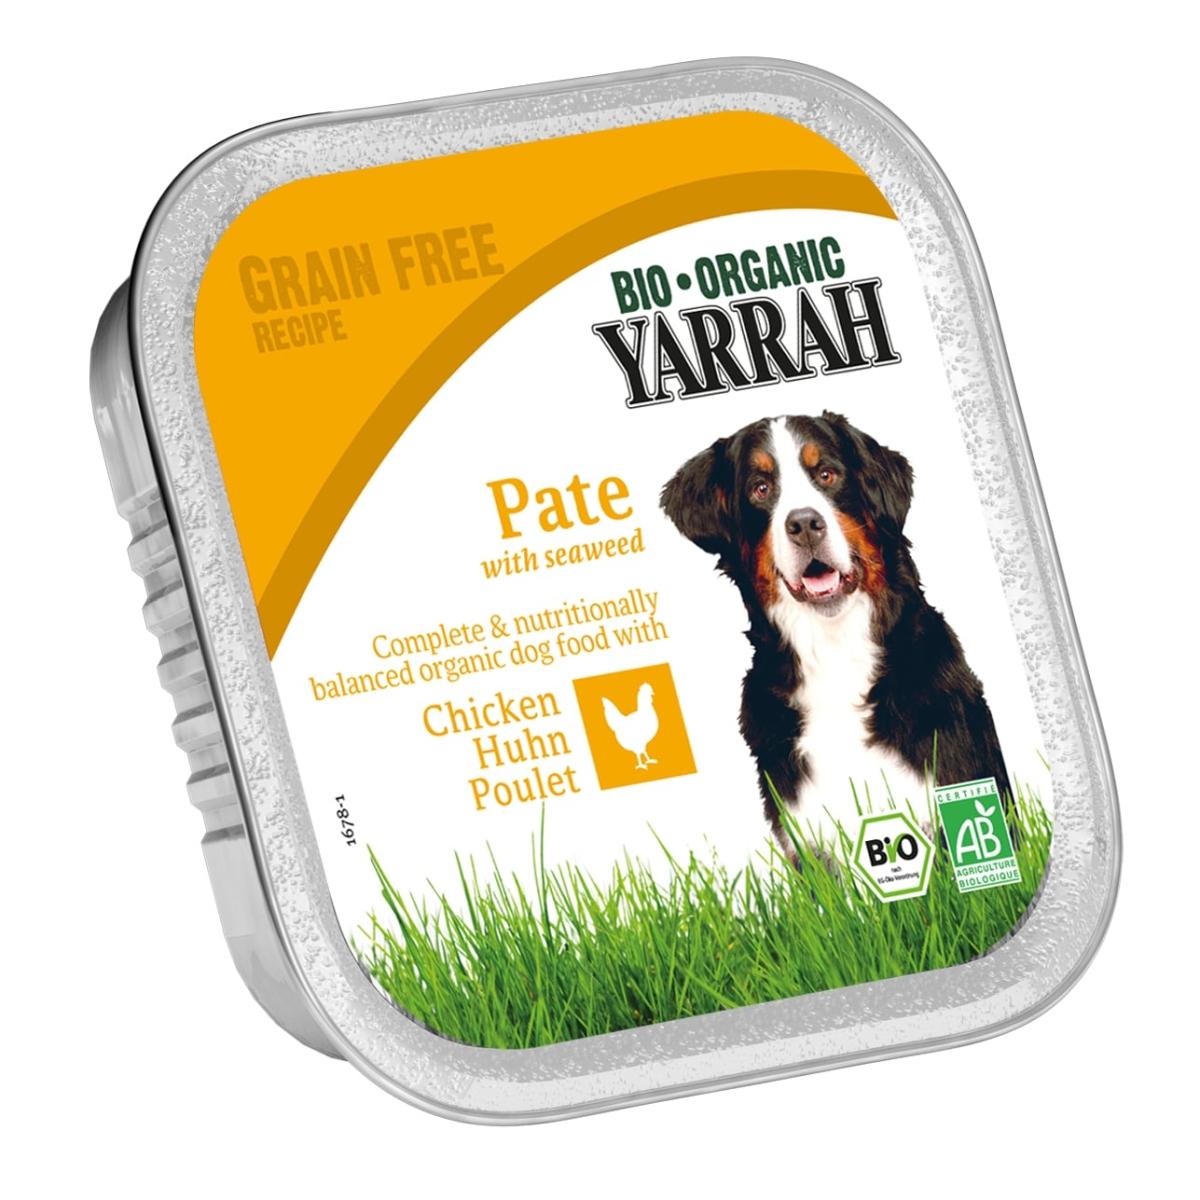 Yarrah 150 gr dog kuipje welness pate kip-zeewier